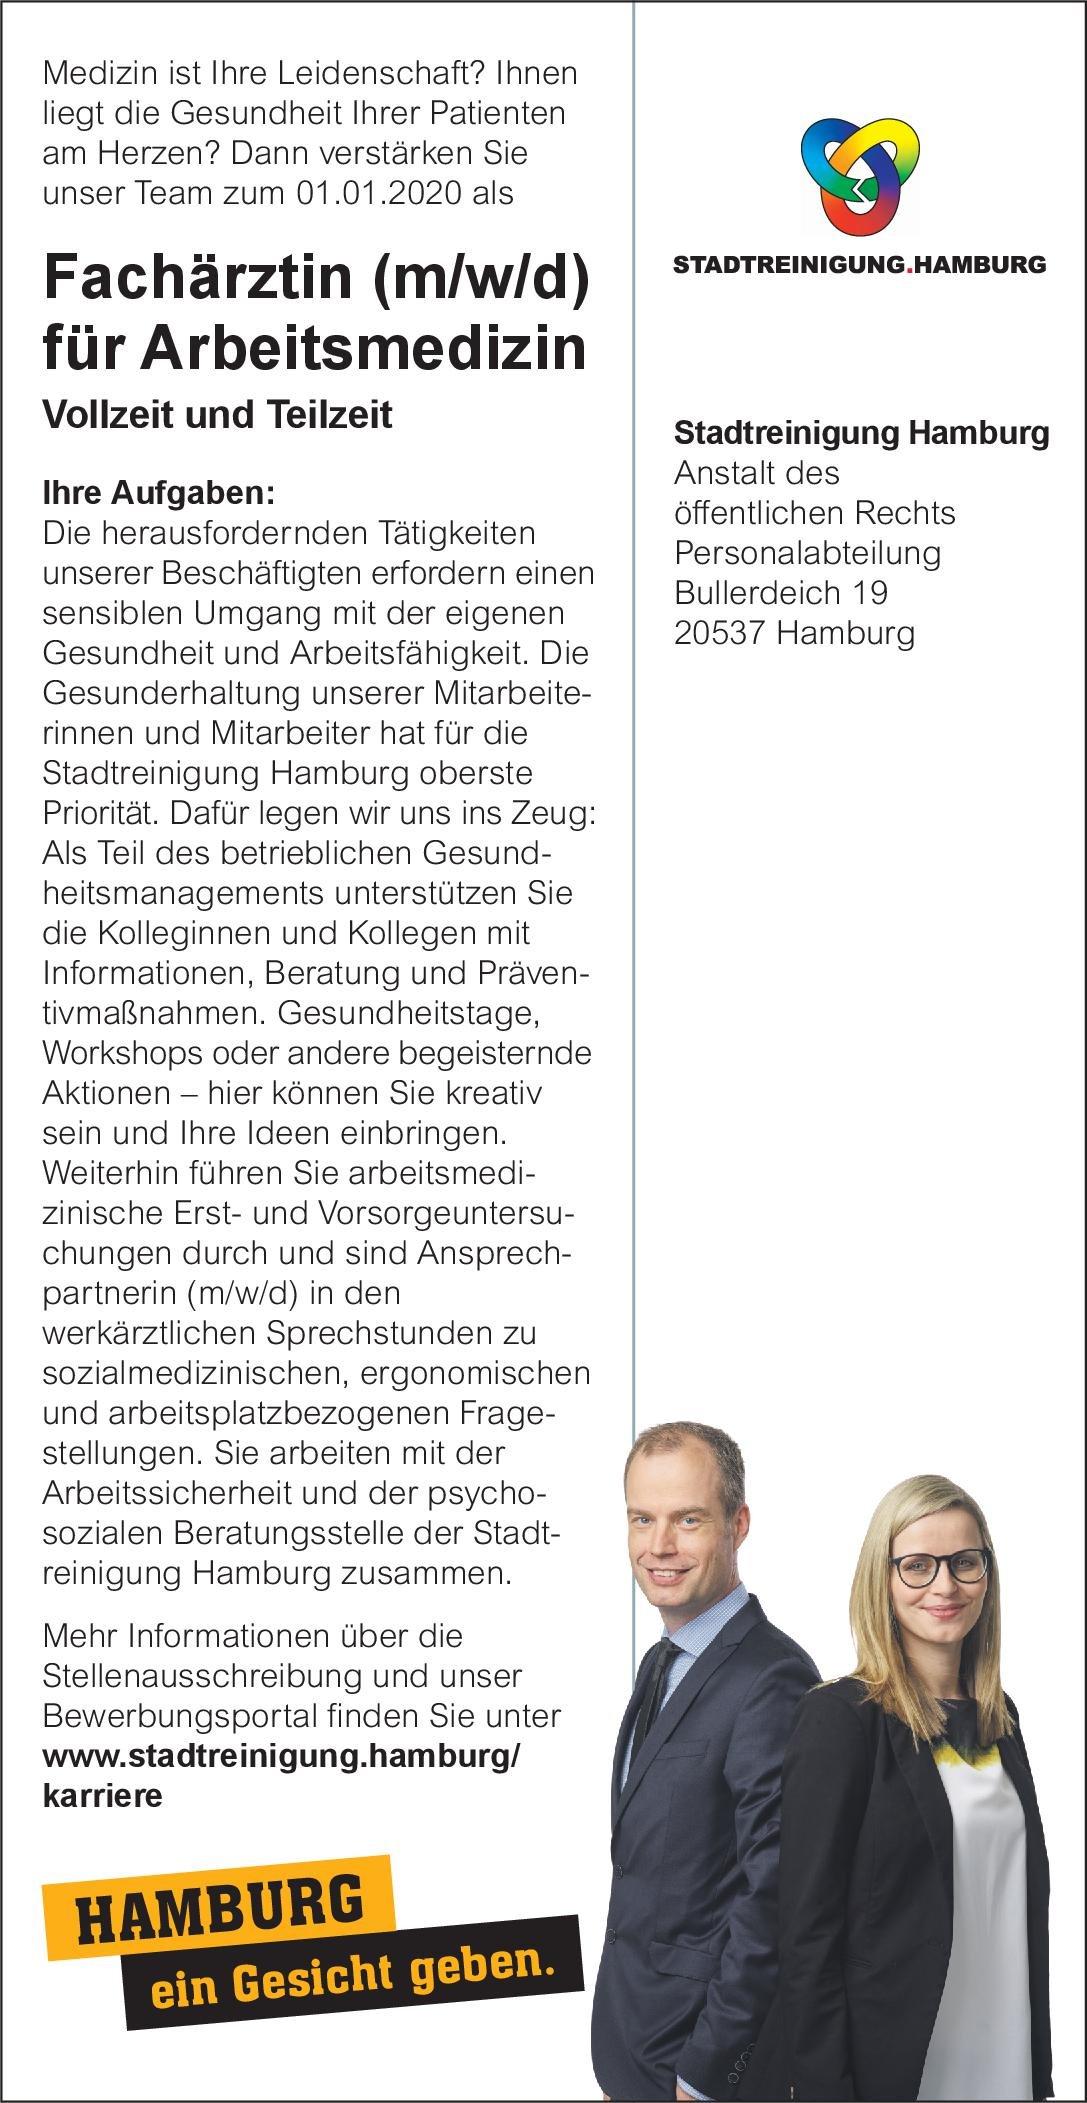 Stadtreinigung Hamburg Fachärztin (m/w/d) für Arbeitsmedizin Arbeitsmedizin Arzt / Facharzt